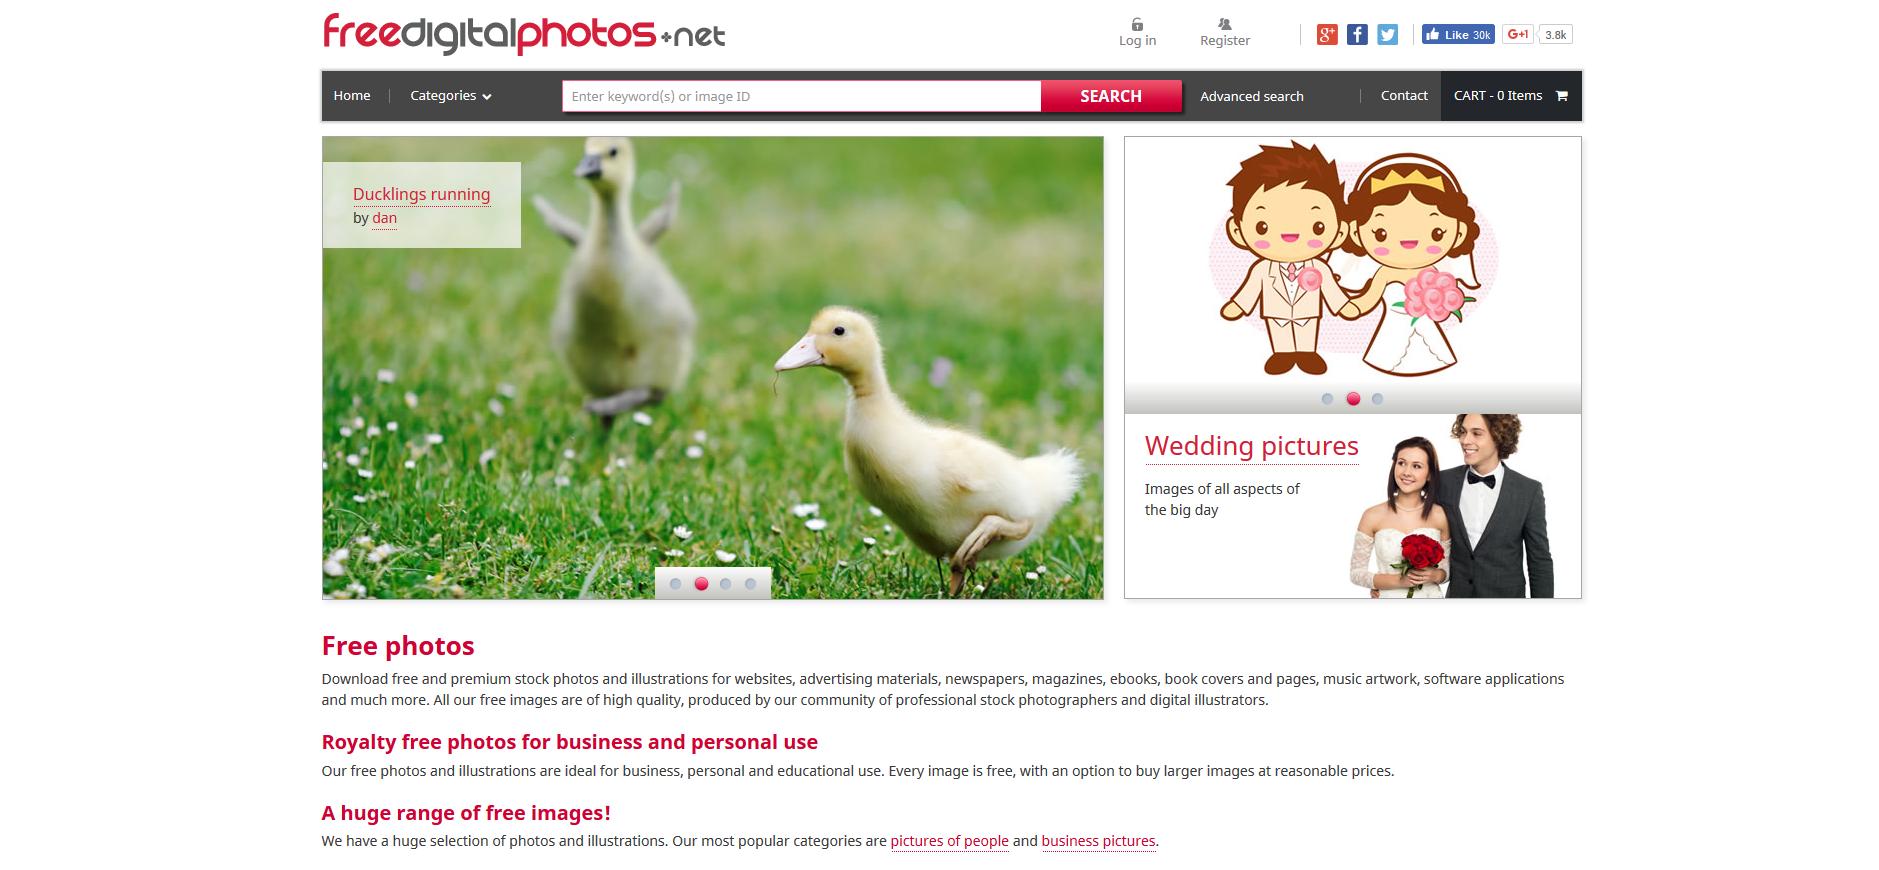 freedigitalphotos, jogtiszta fotók, ingyenes fotók, jogtiszta képek, ingyenes képek